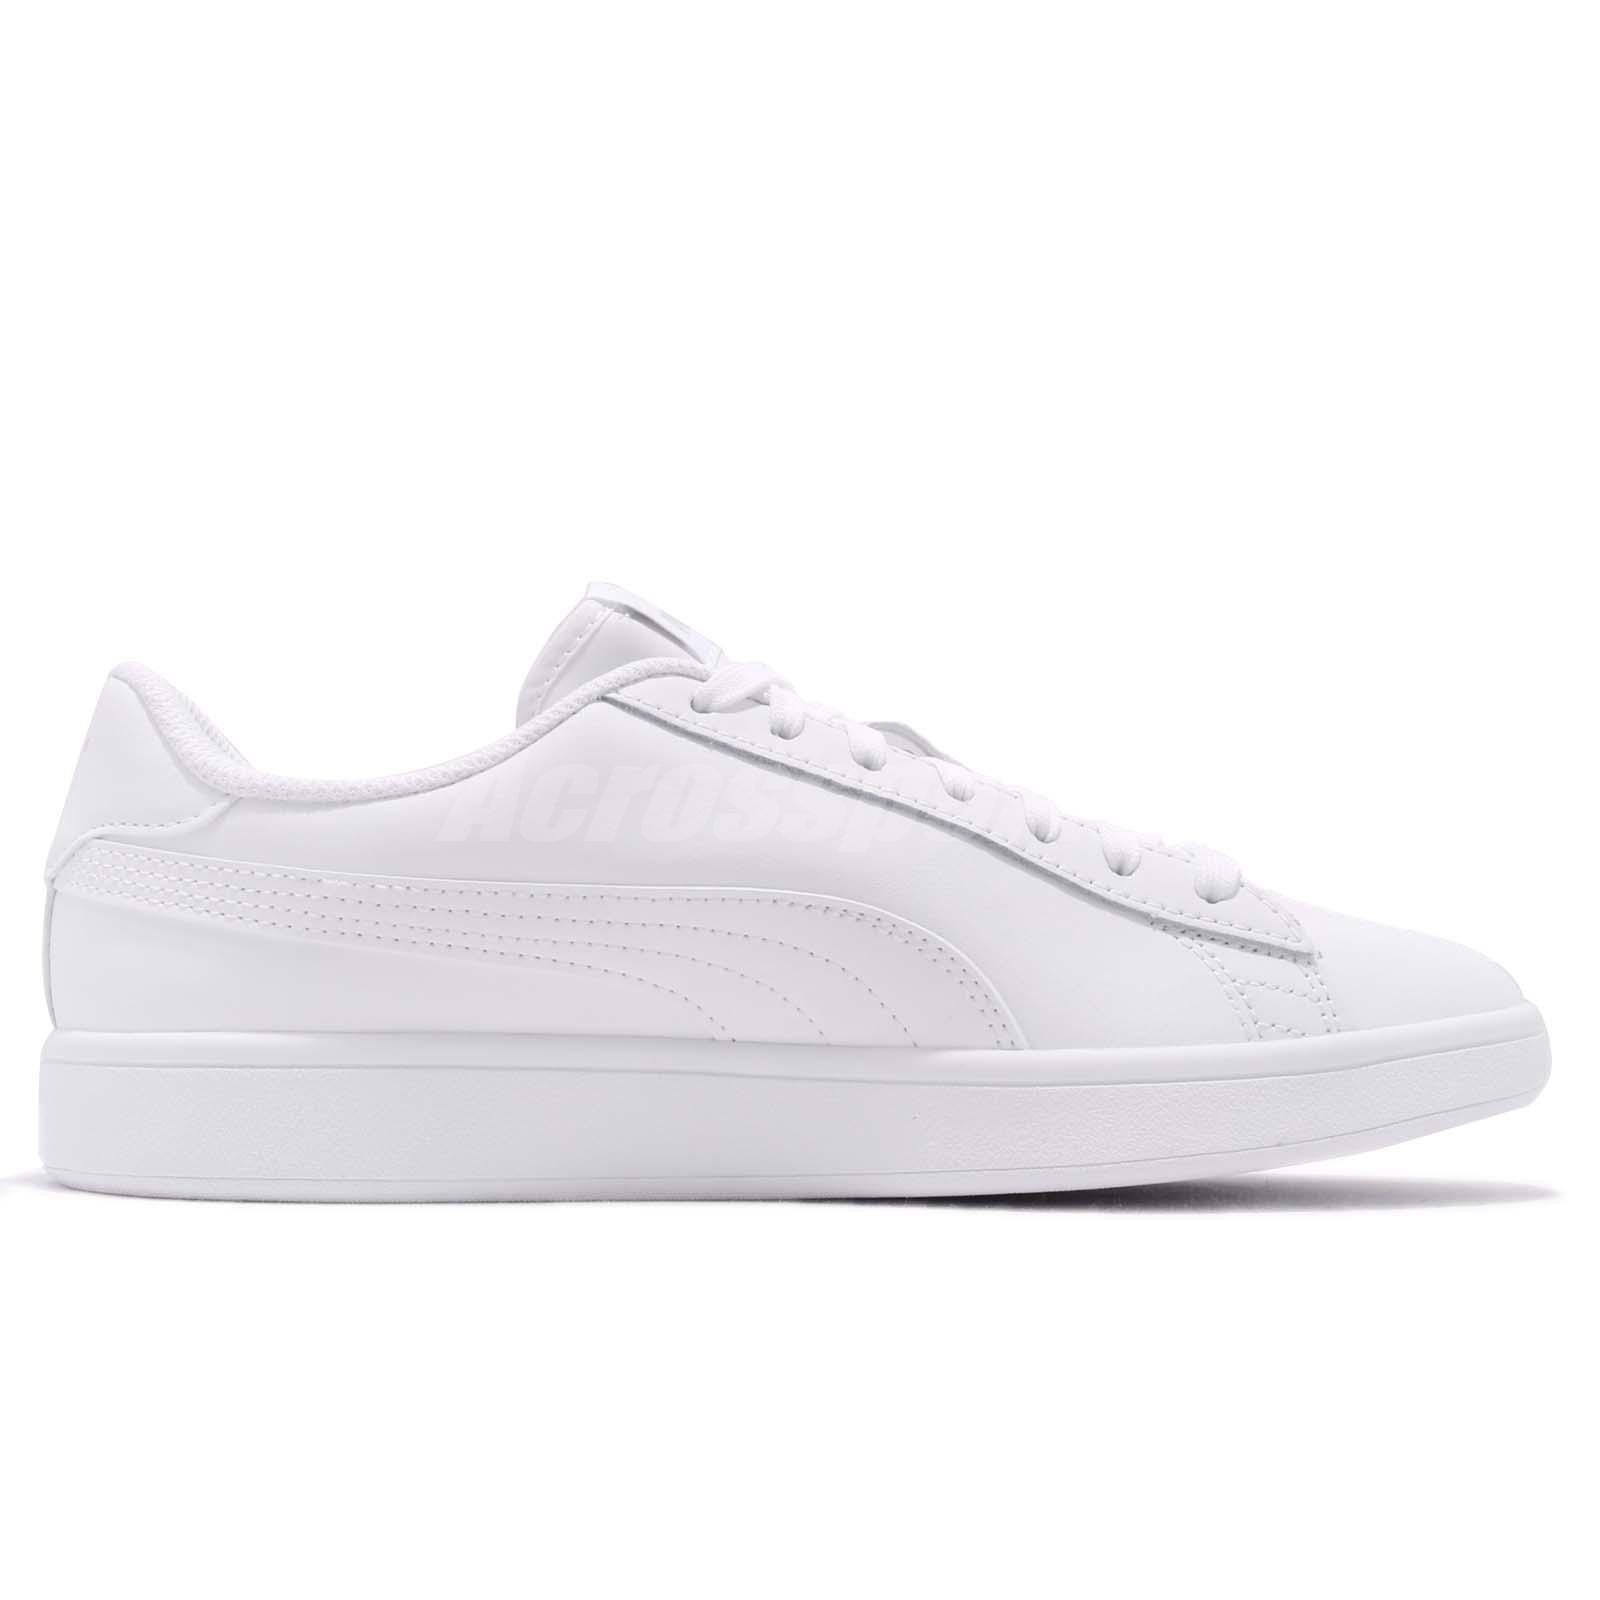 ff22ae4b93c Puma Smash V2 L White Men Classic Shoes Sneakers 365215-07